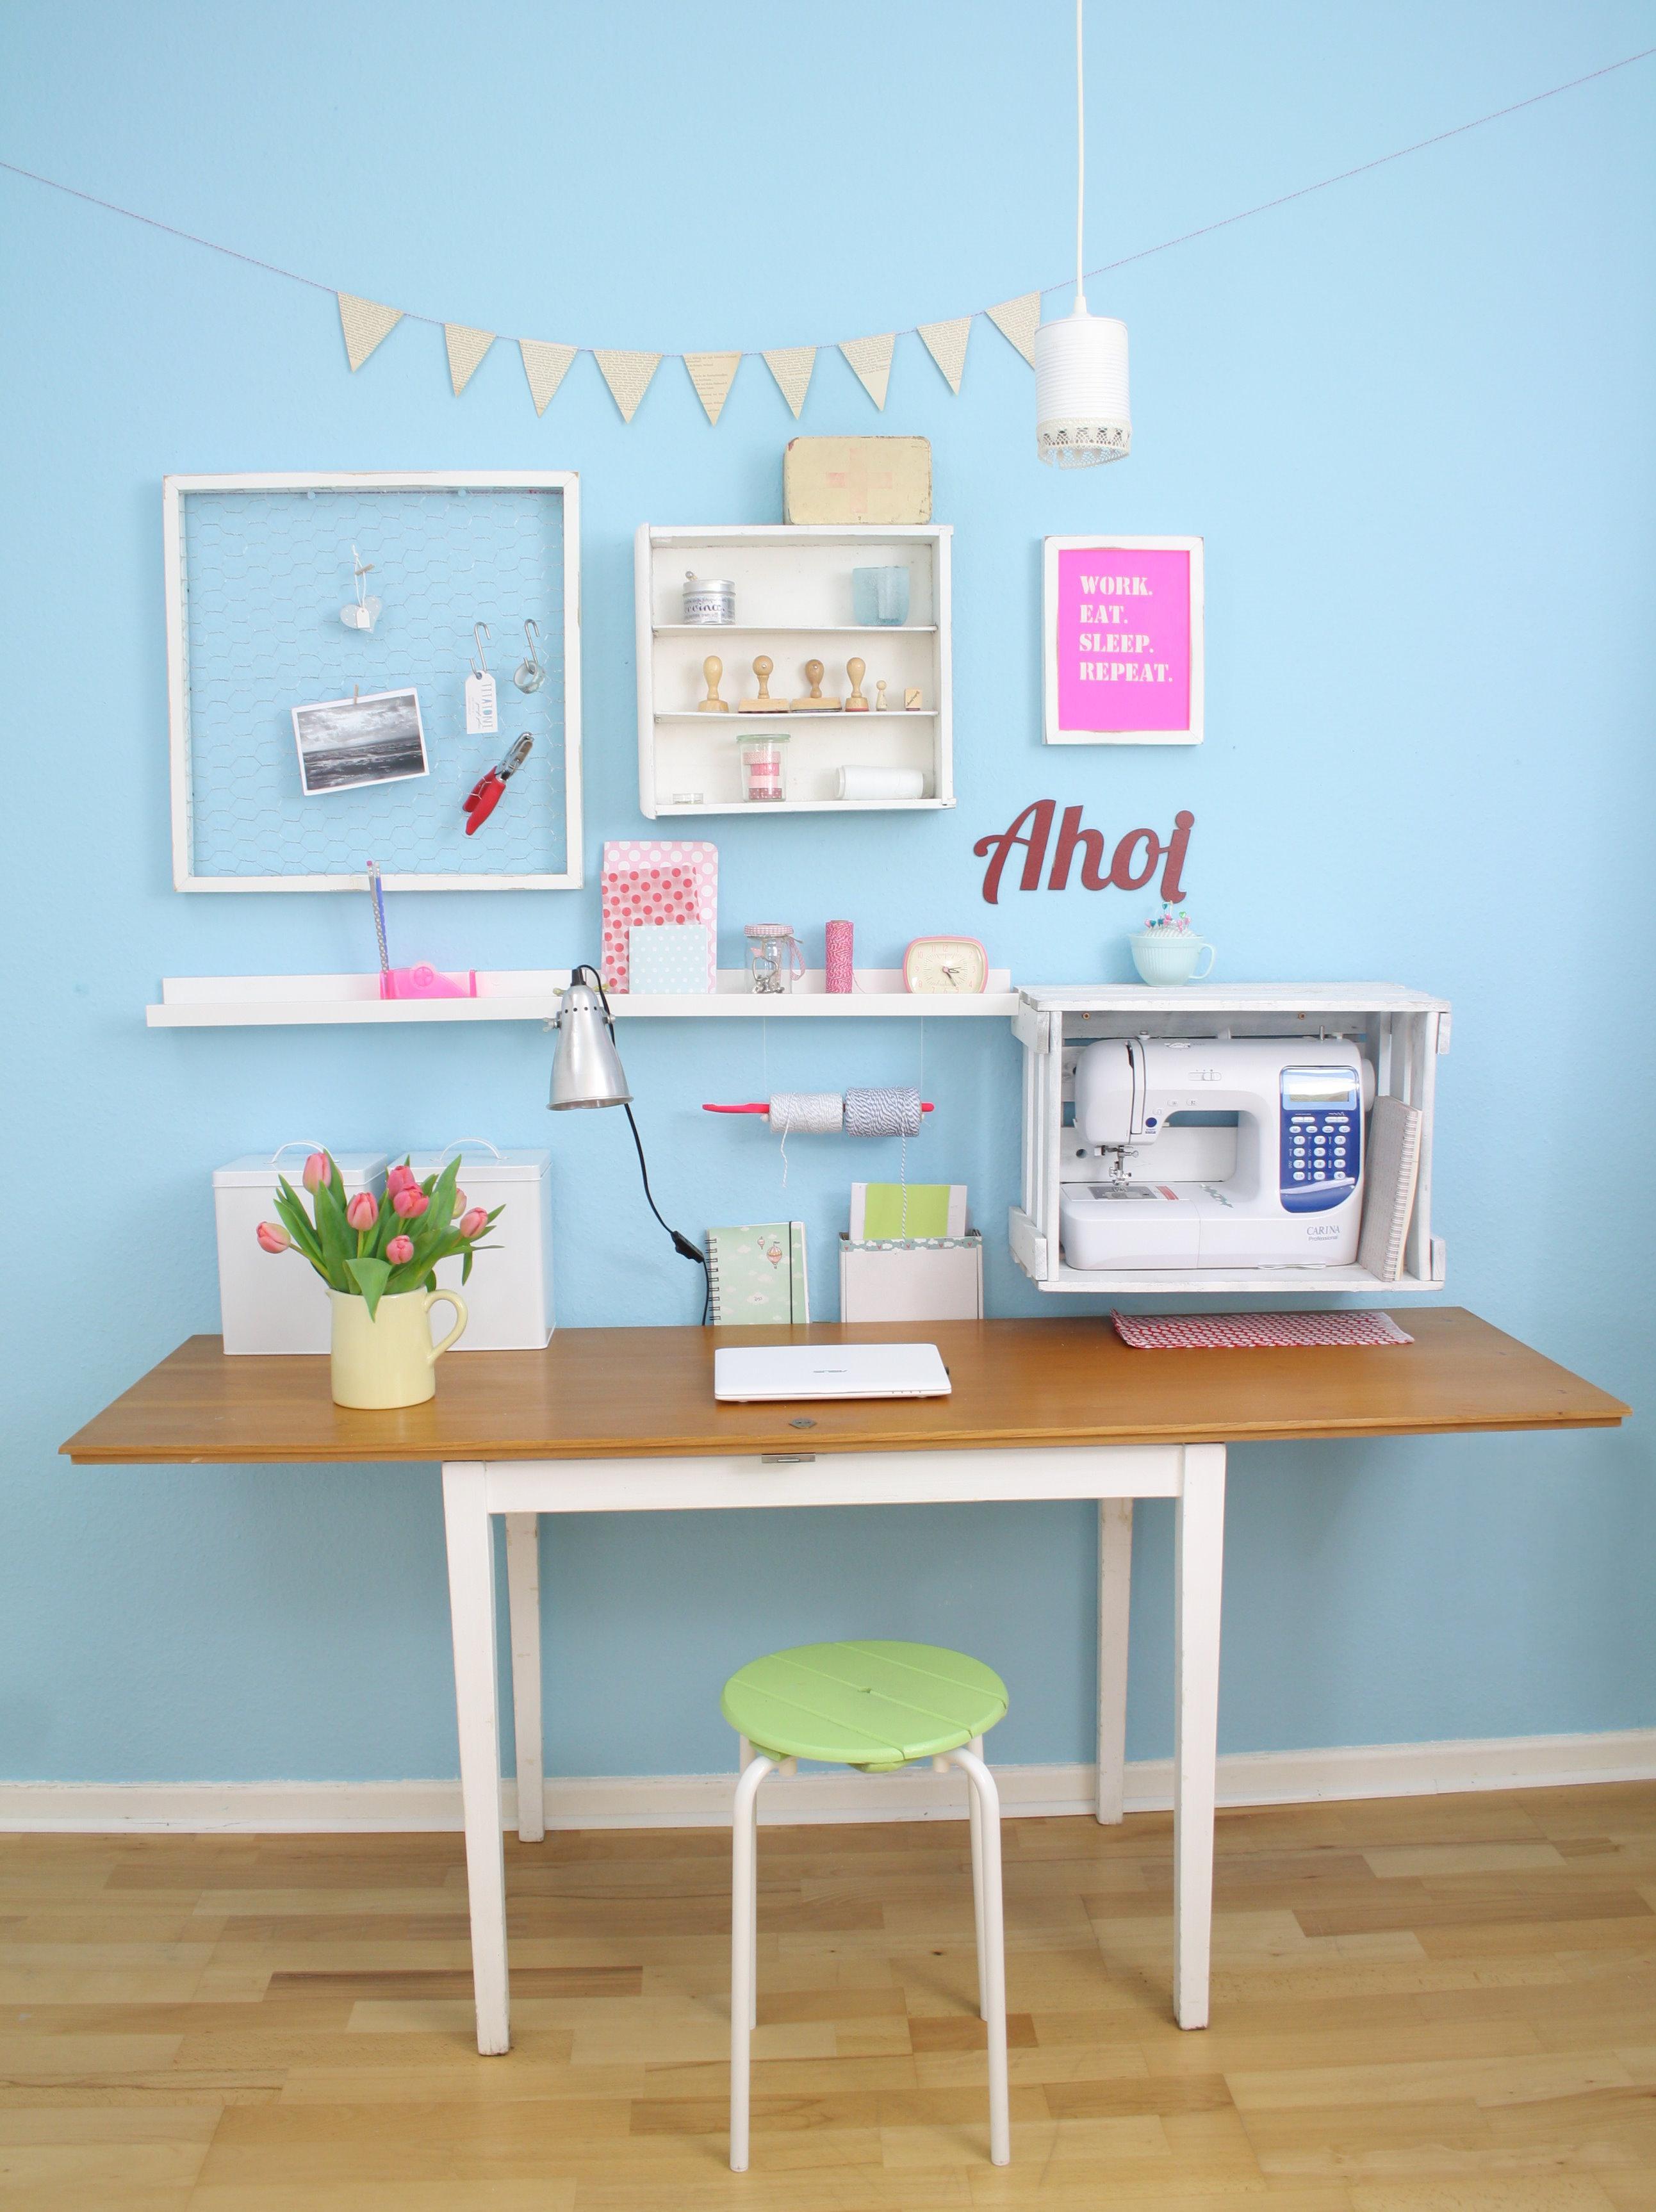 Büro schreibtisch selber bauen  DIY Schreibtisch: Schreibtisch selber bauen • Bilder & Ideen ...